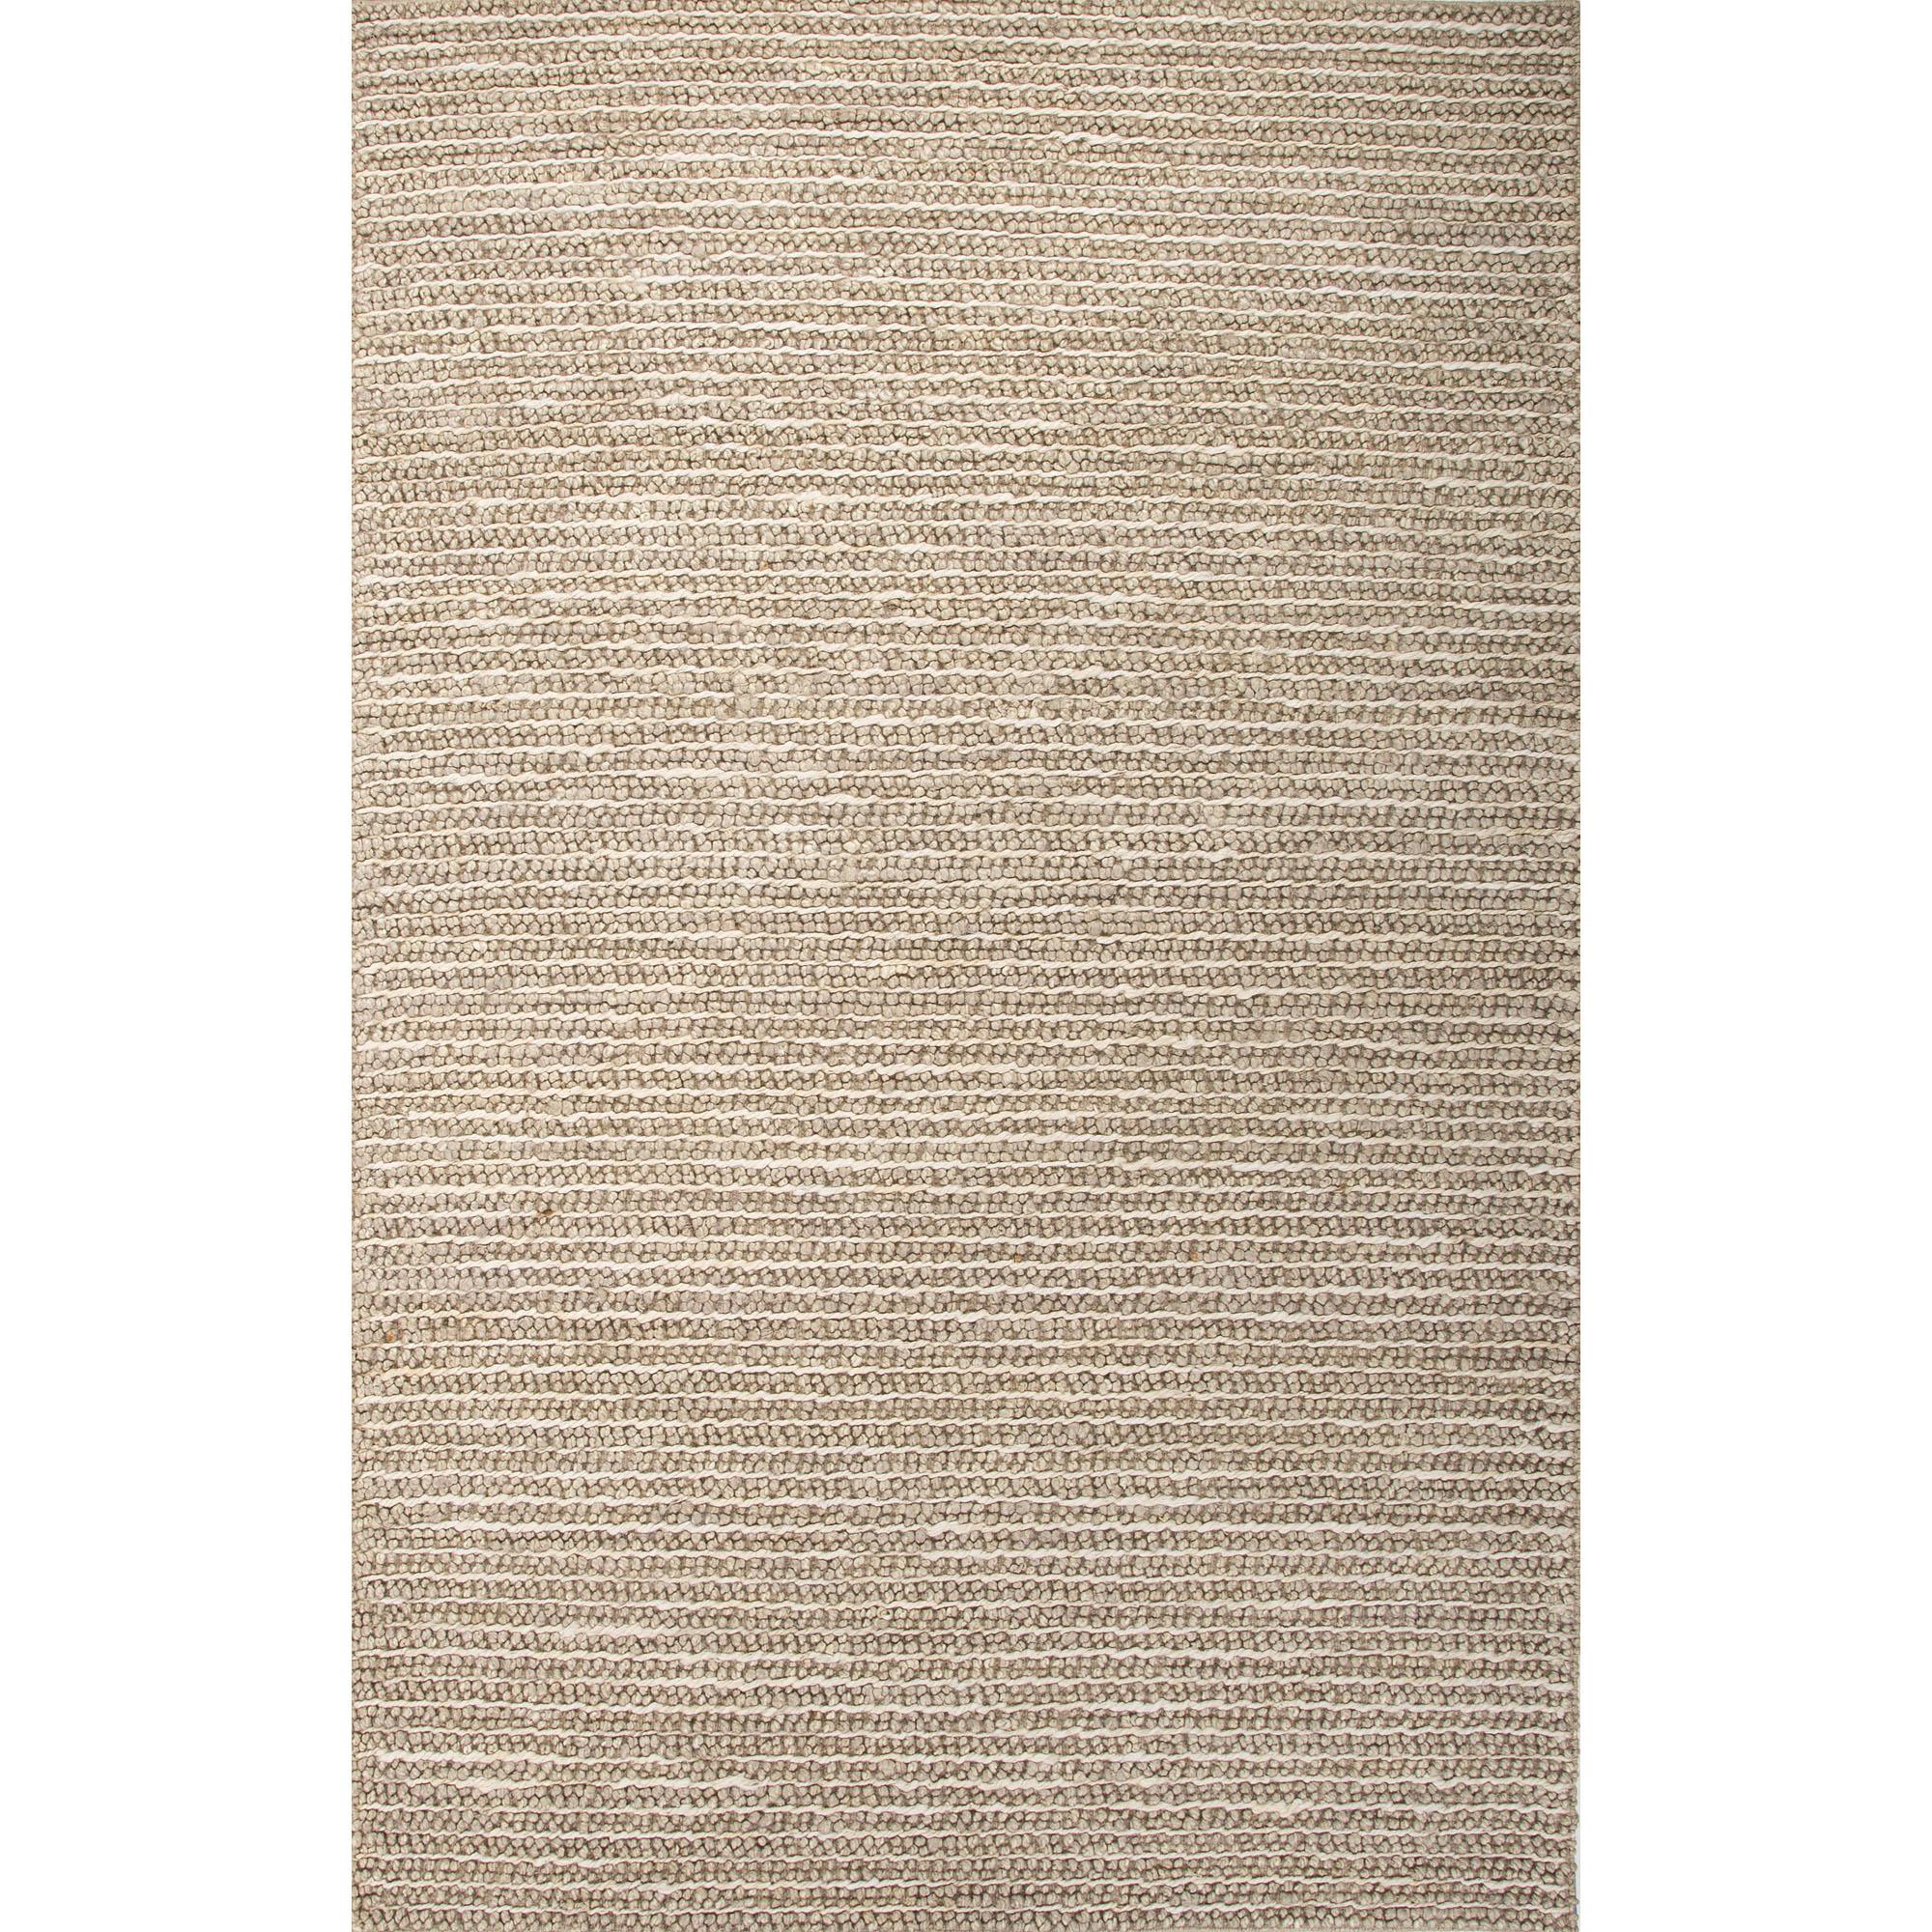 JAIPUR Rugs Naturals Seaside 8 x 10 Rug - Item Number: RUG118984